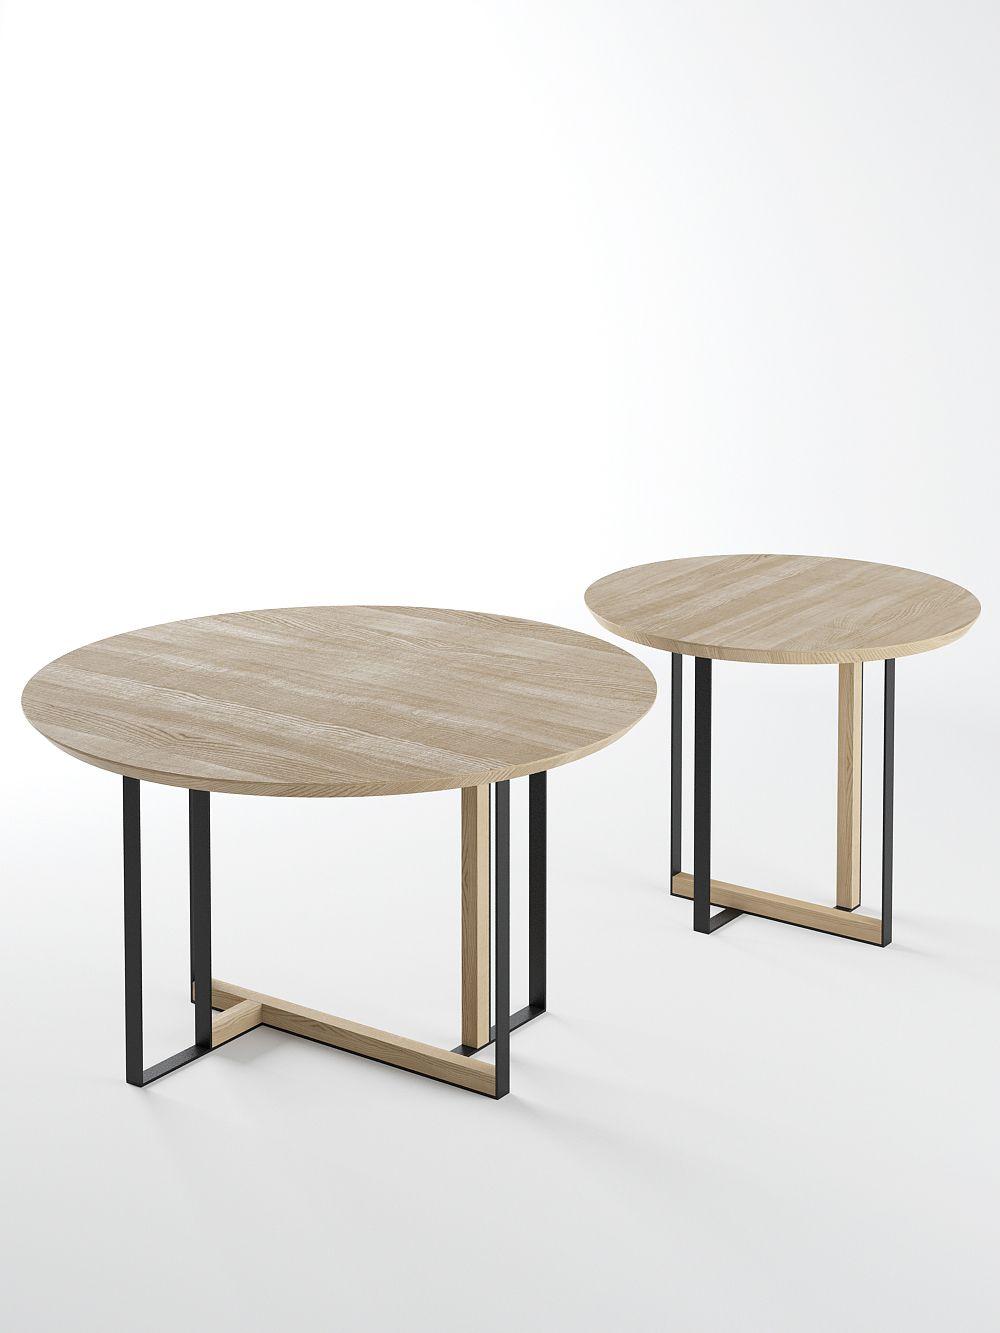 for Tisch design andrea